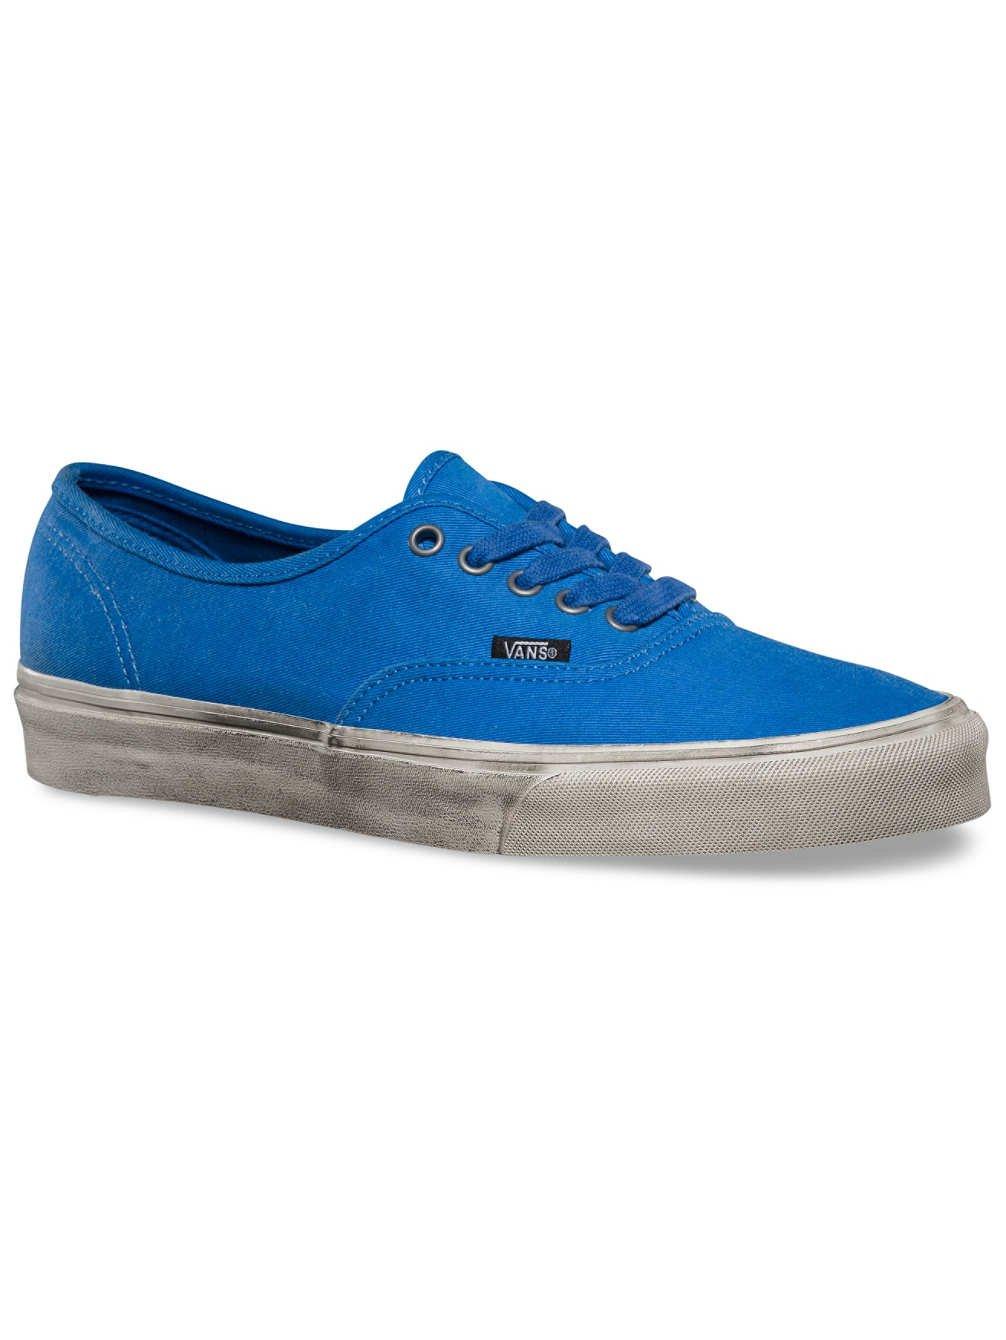 5c4e0e4520af97 Gumbies Damen Zehentrenner - Rosa Blau Schuhe in Uuml bergrouml ...